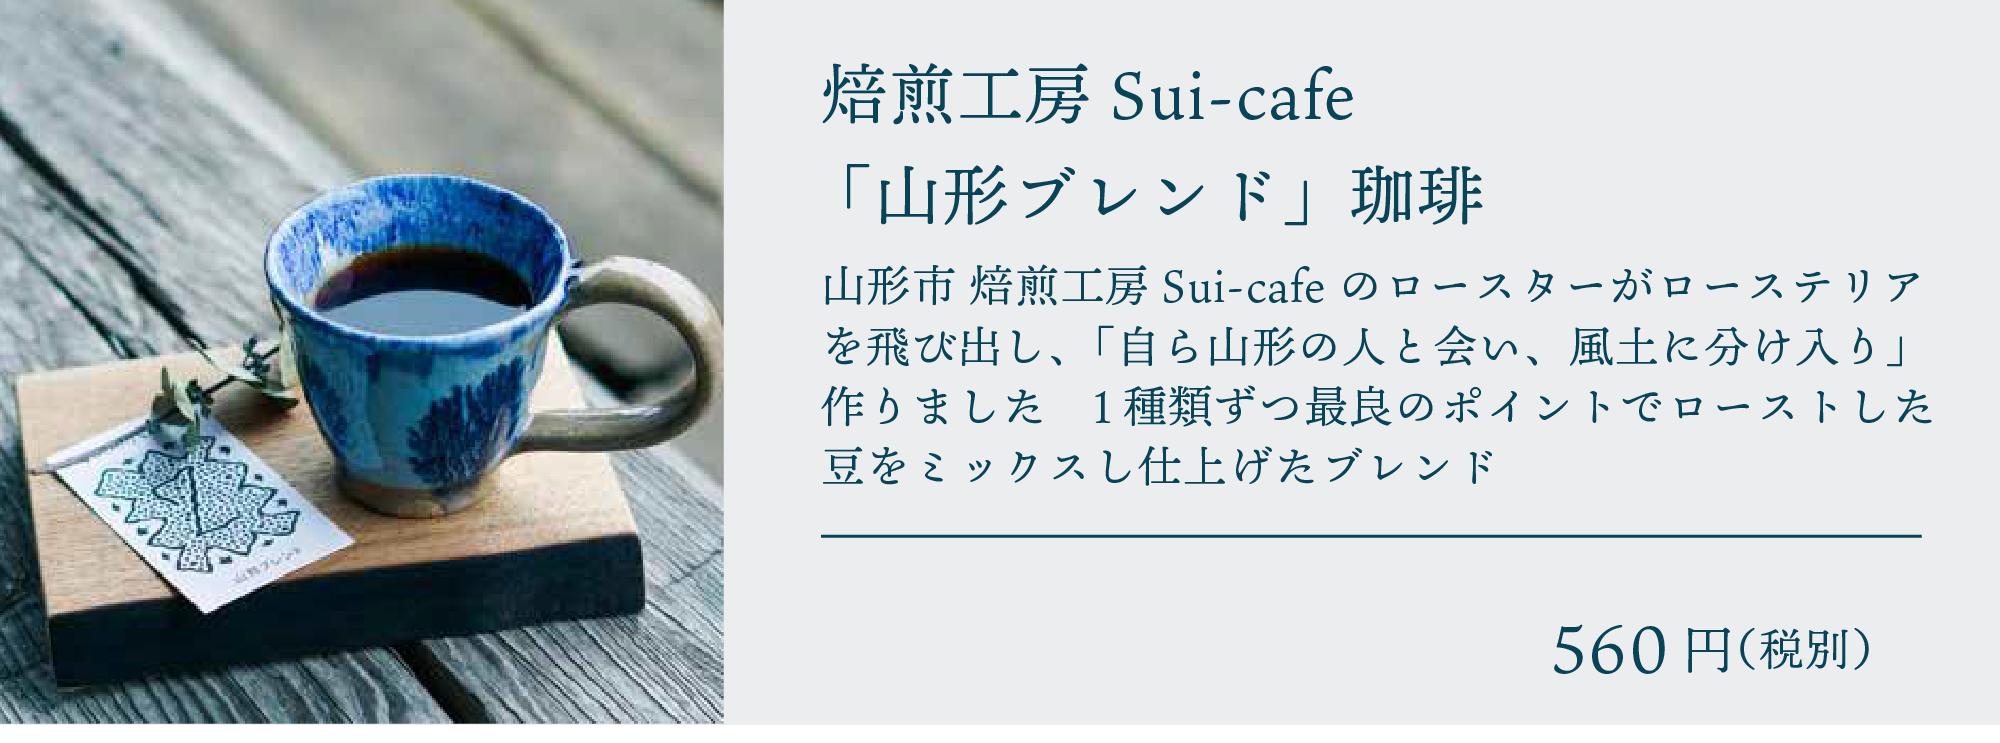 焙煎工房Sui-cafe 「 山形ブレンド」珈琲